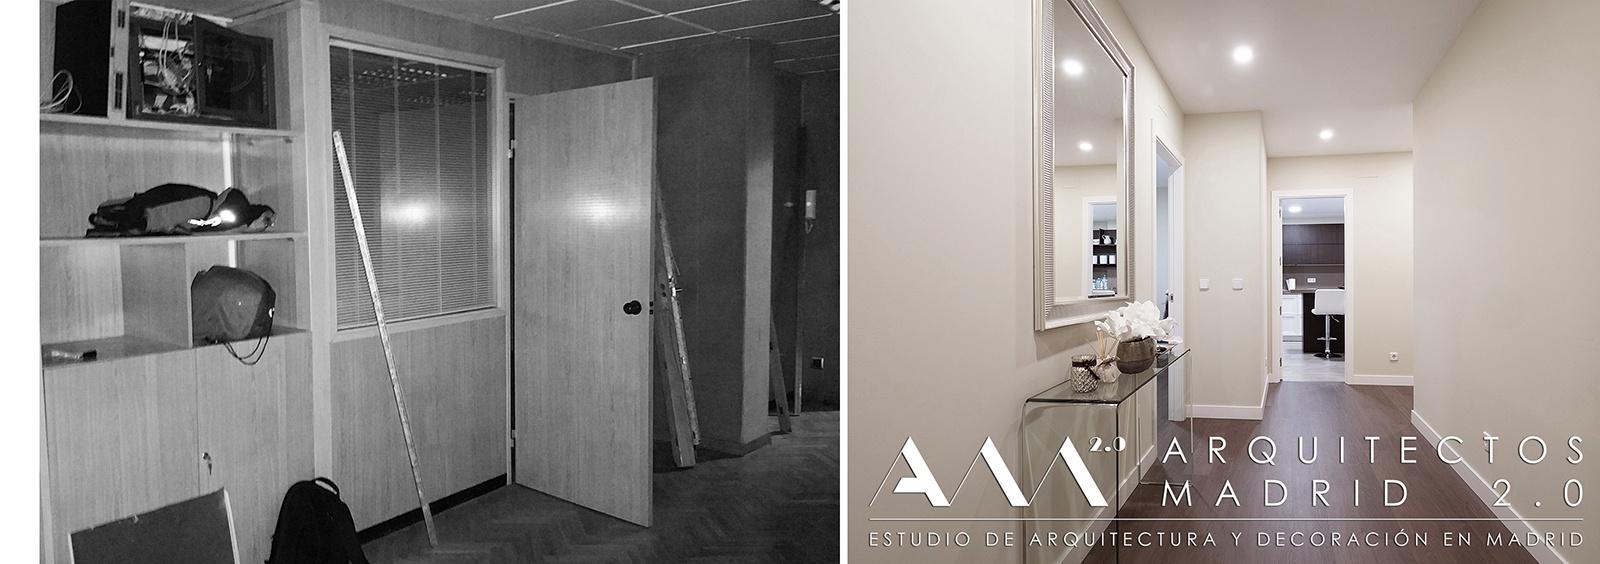 ideas-convertir-local-vivienda-cambio-de-uso-arquitectos-madrid-03